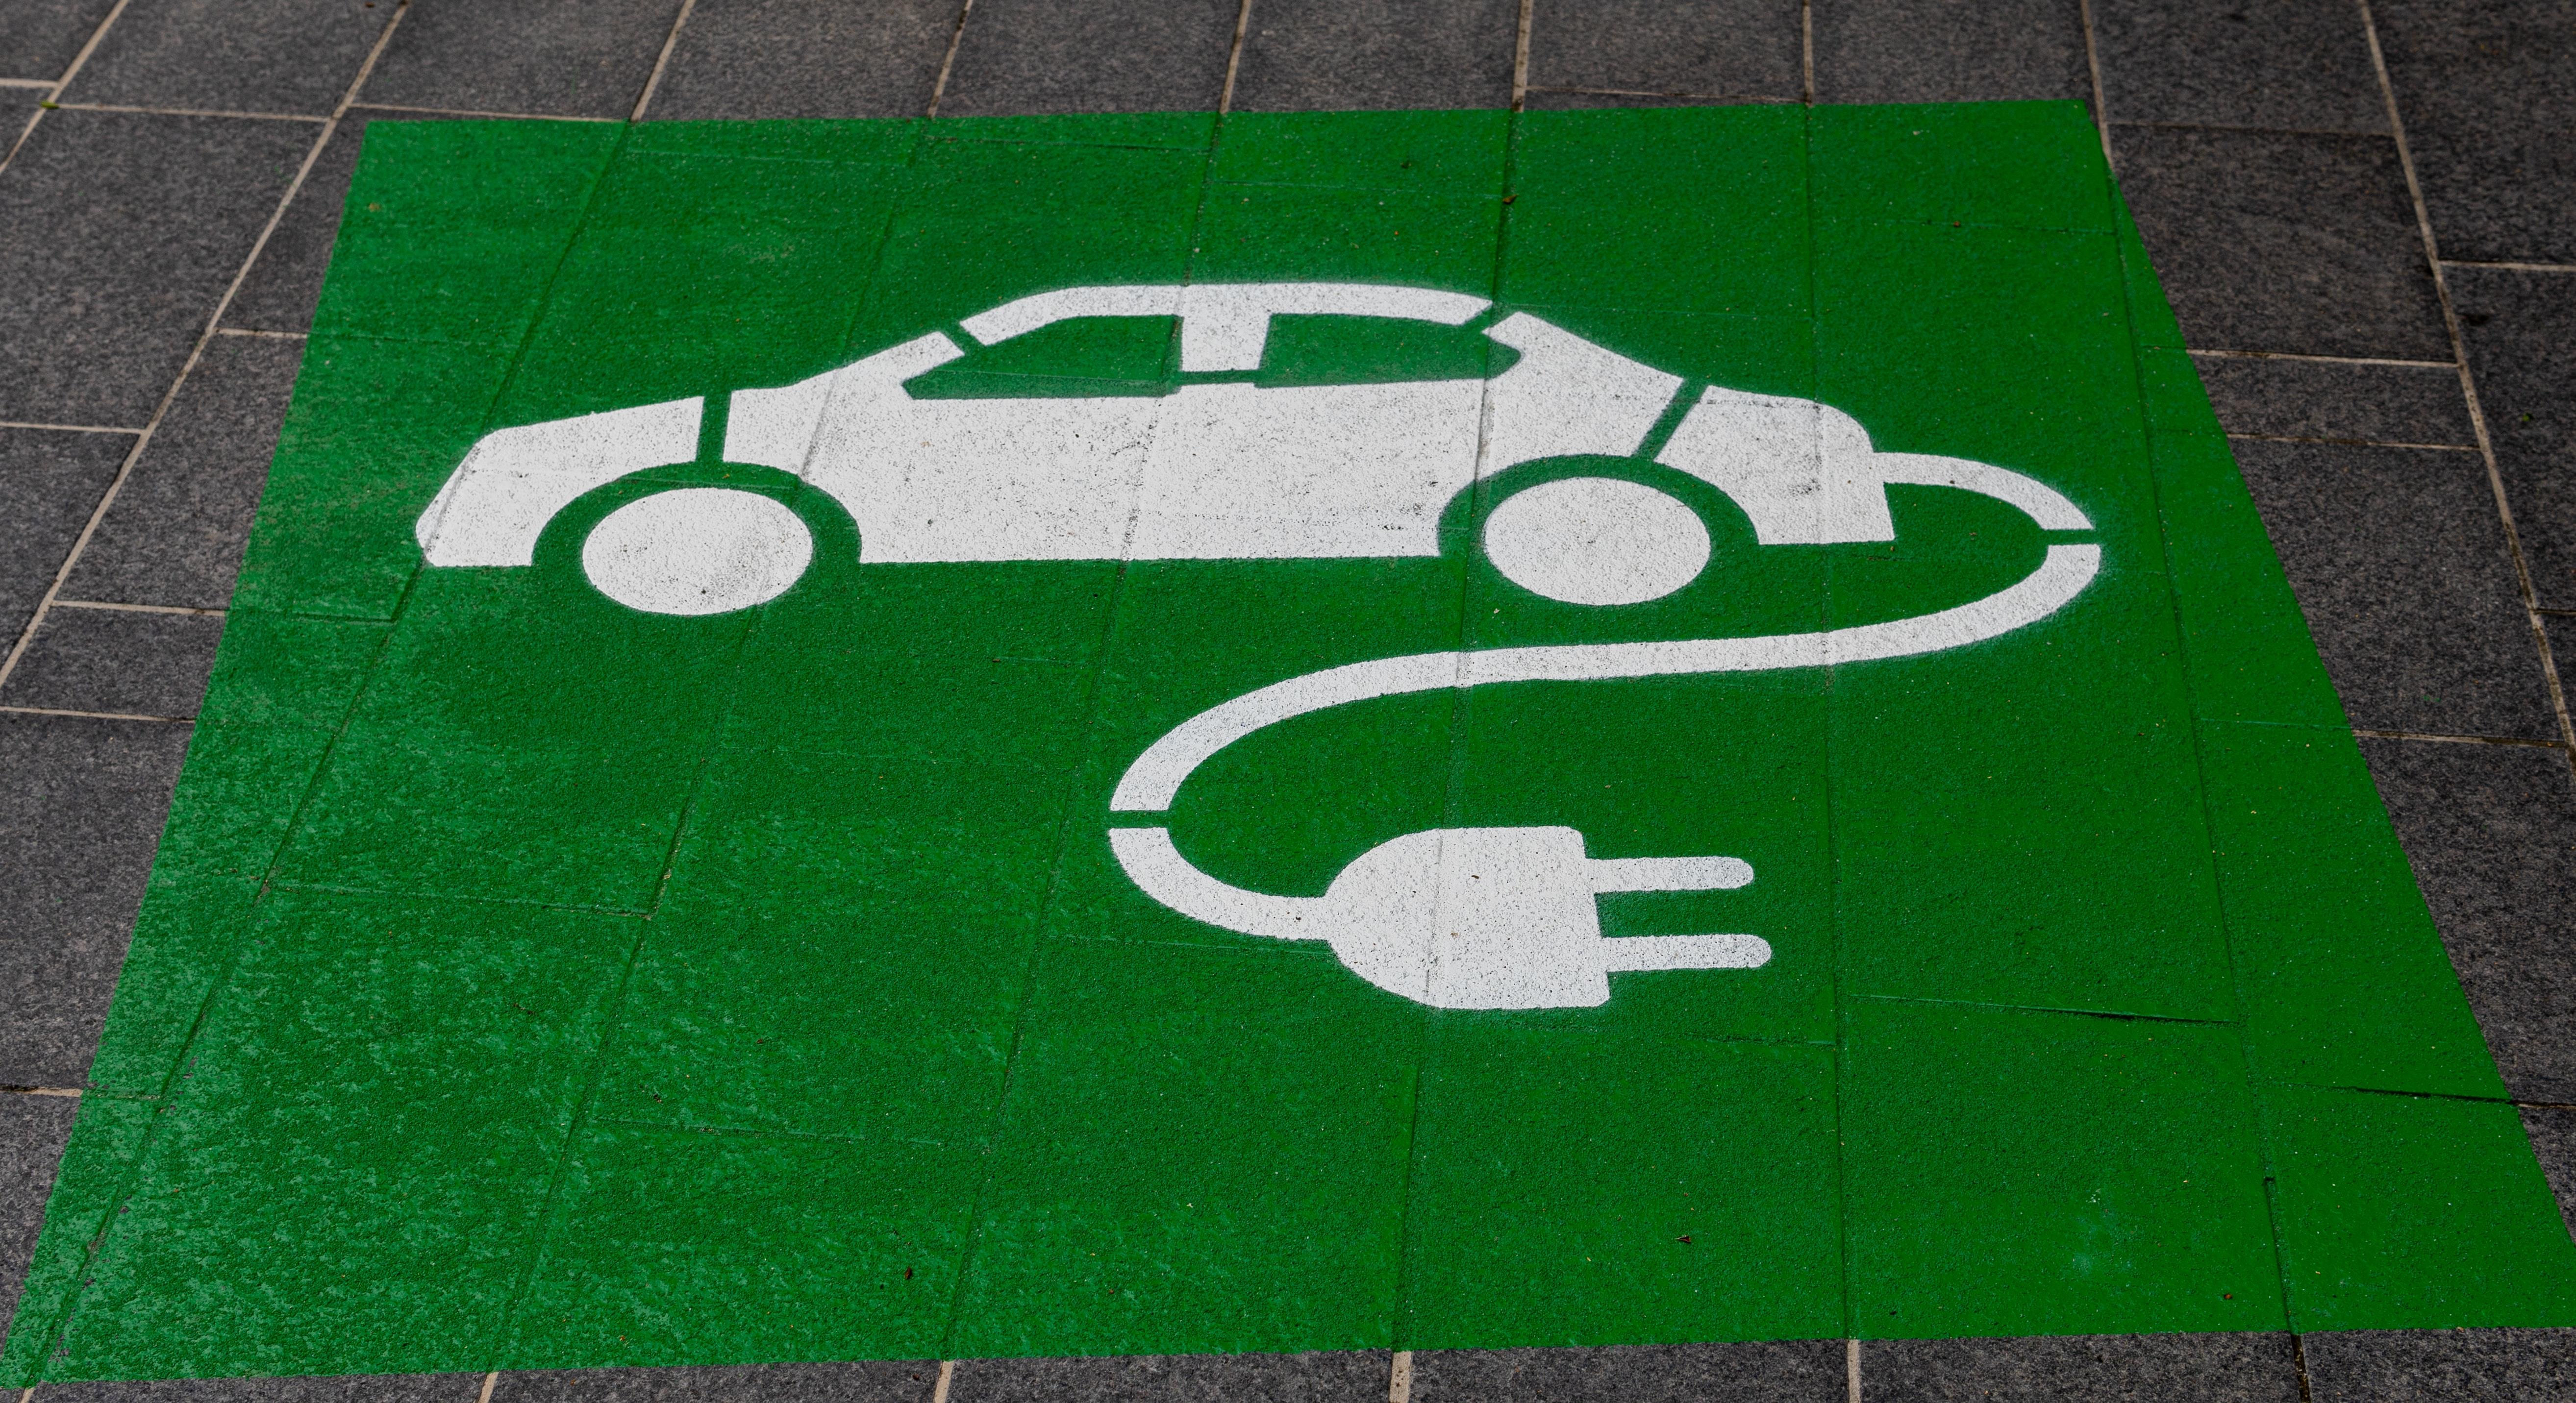 CapitalPanda | Očekávaný růst trhu elektromobilů se nemusí automaticky přenést do růstu akcií klíčových výrobců